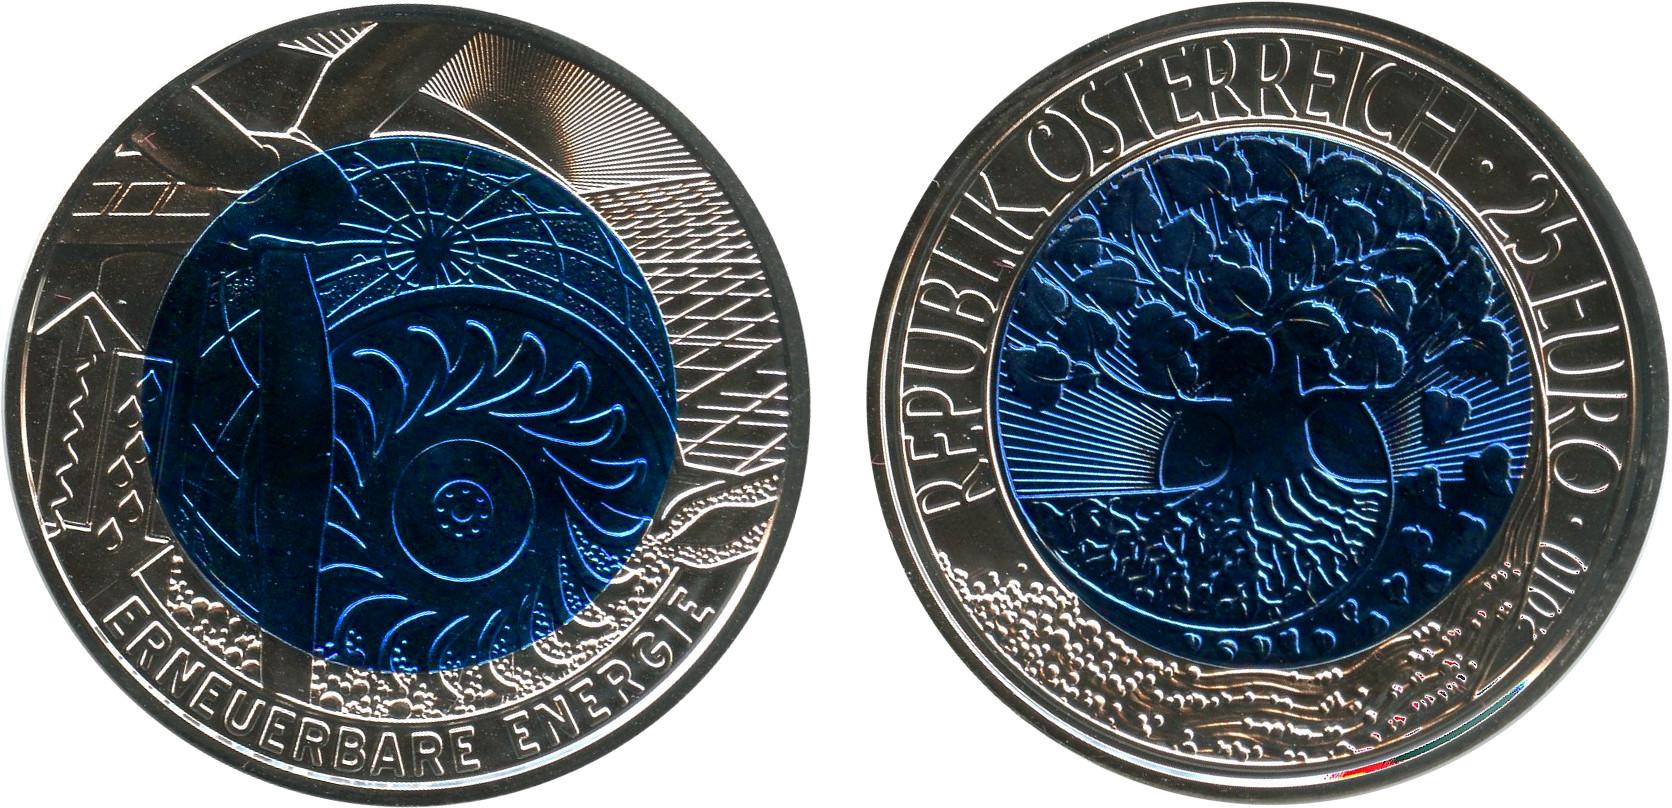 österreich Erneuerbare Energien 25 Euro Beutler Münzen österreich